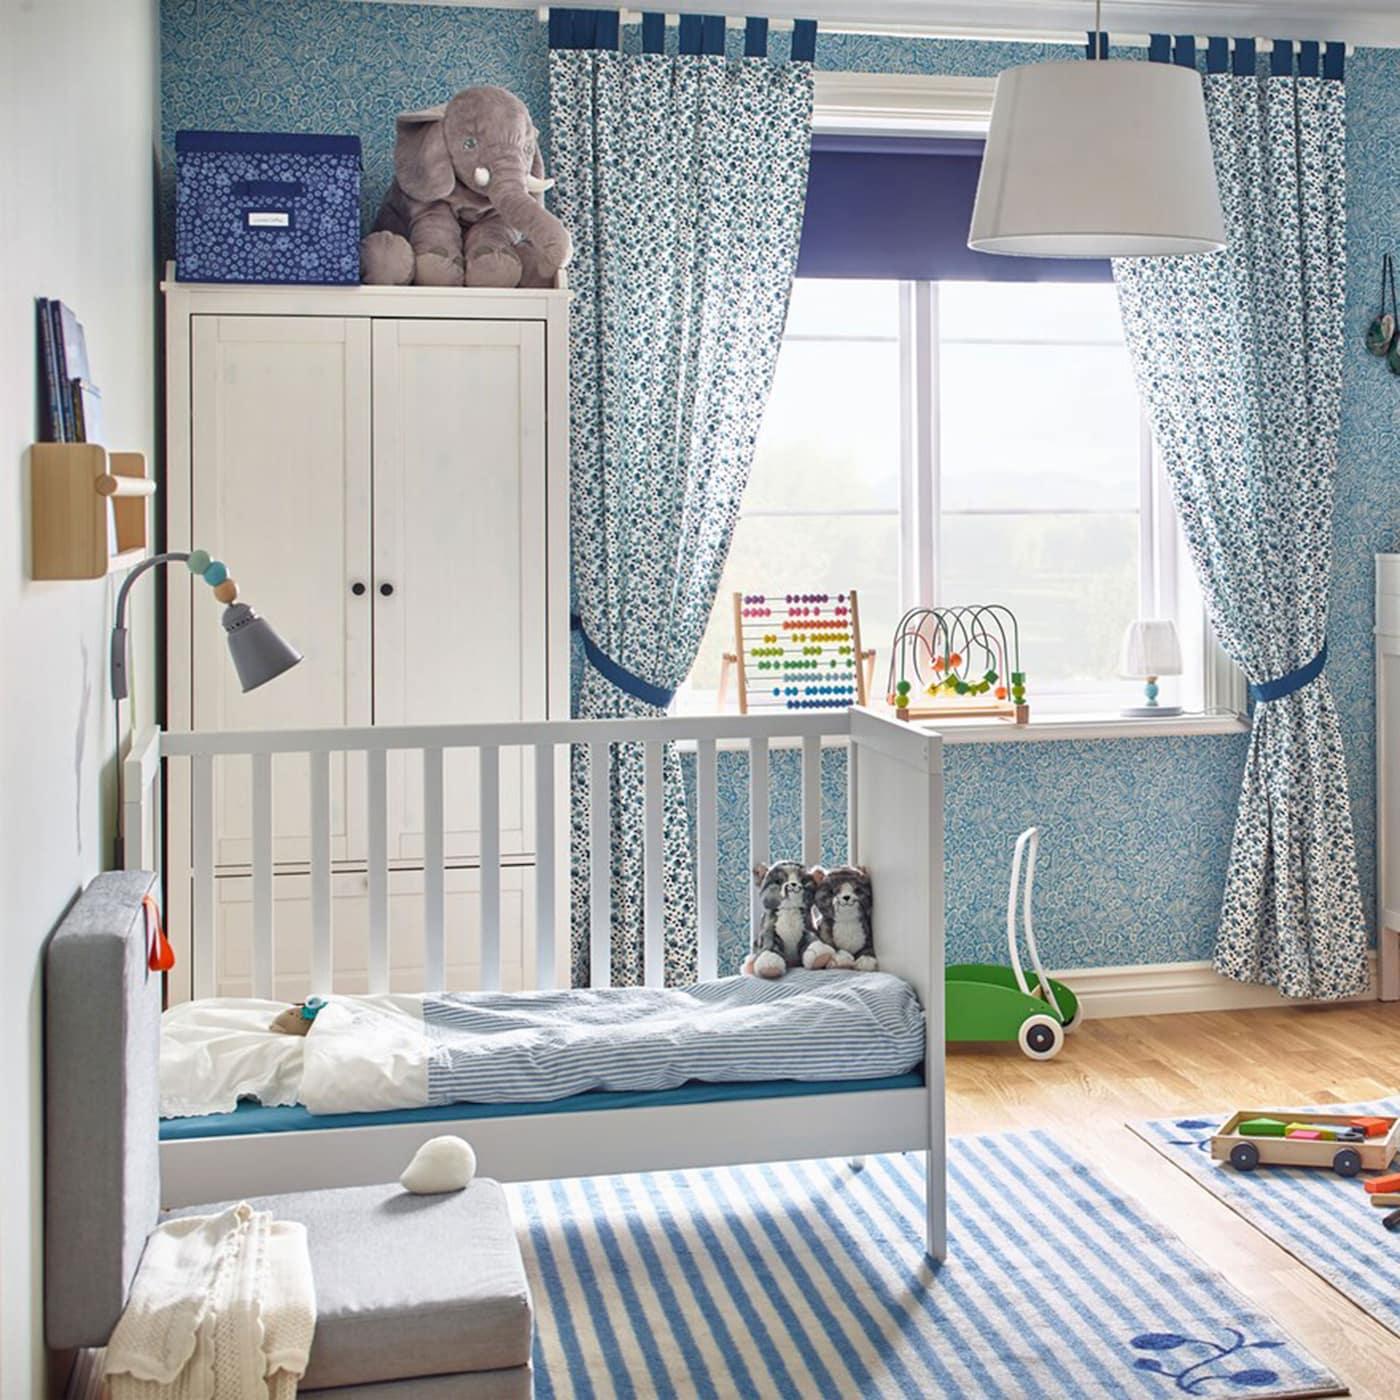 Cette paisible chambre bleue pour bébé, destinée à des jumeaux, comprend deux lits bébé IKEA SUNDVIK en blanc, de style traditionnel, et une table à langer SUNDVIK dotée de deux tiroirs et une tablette.